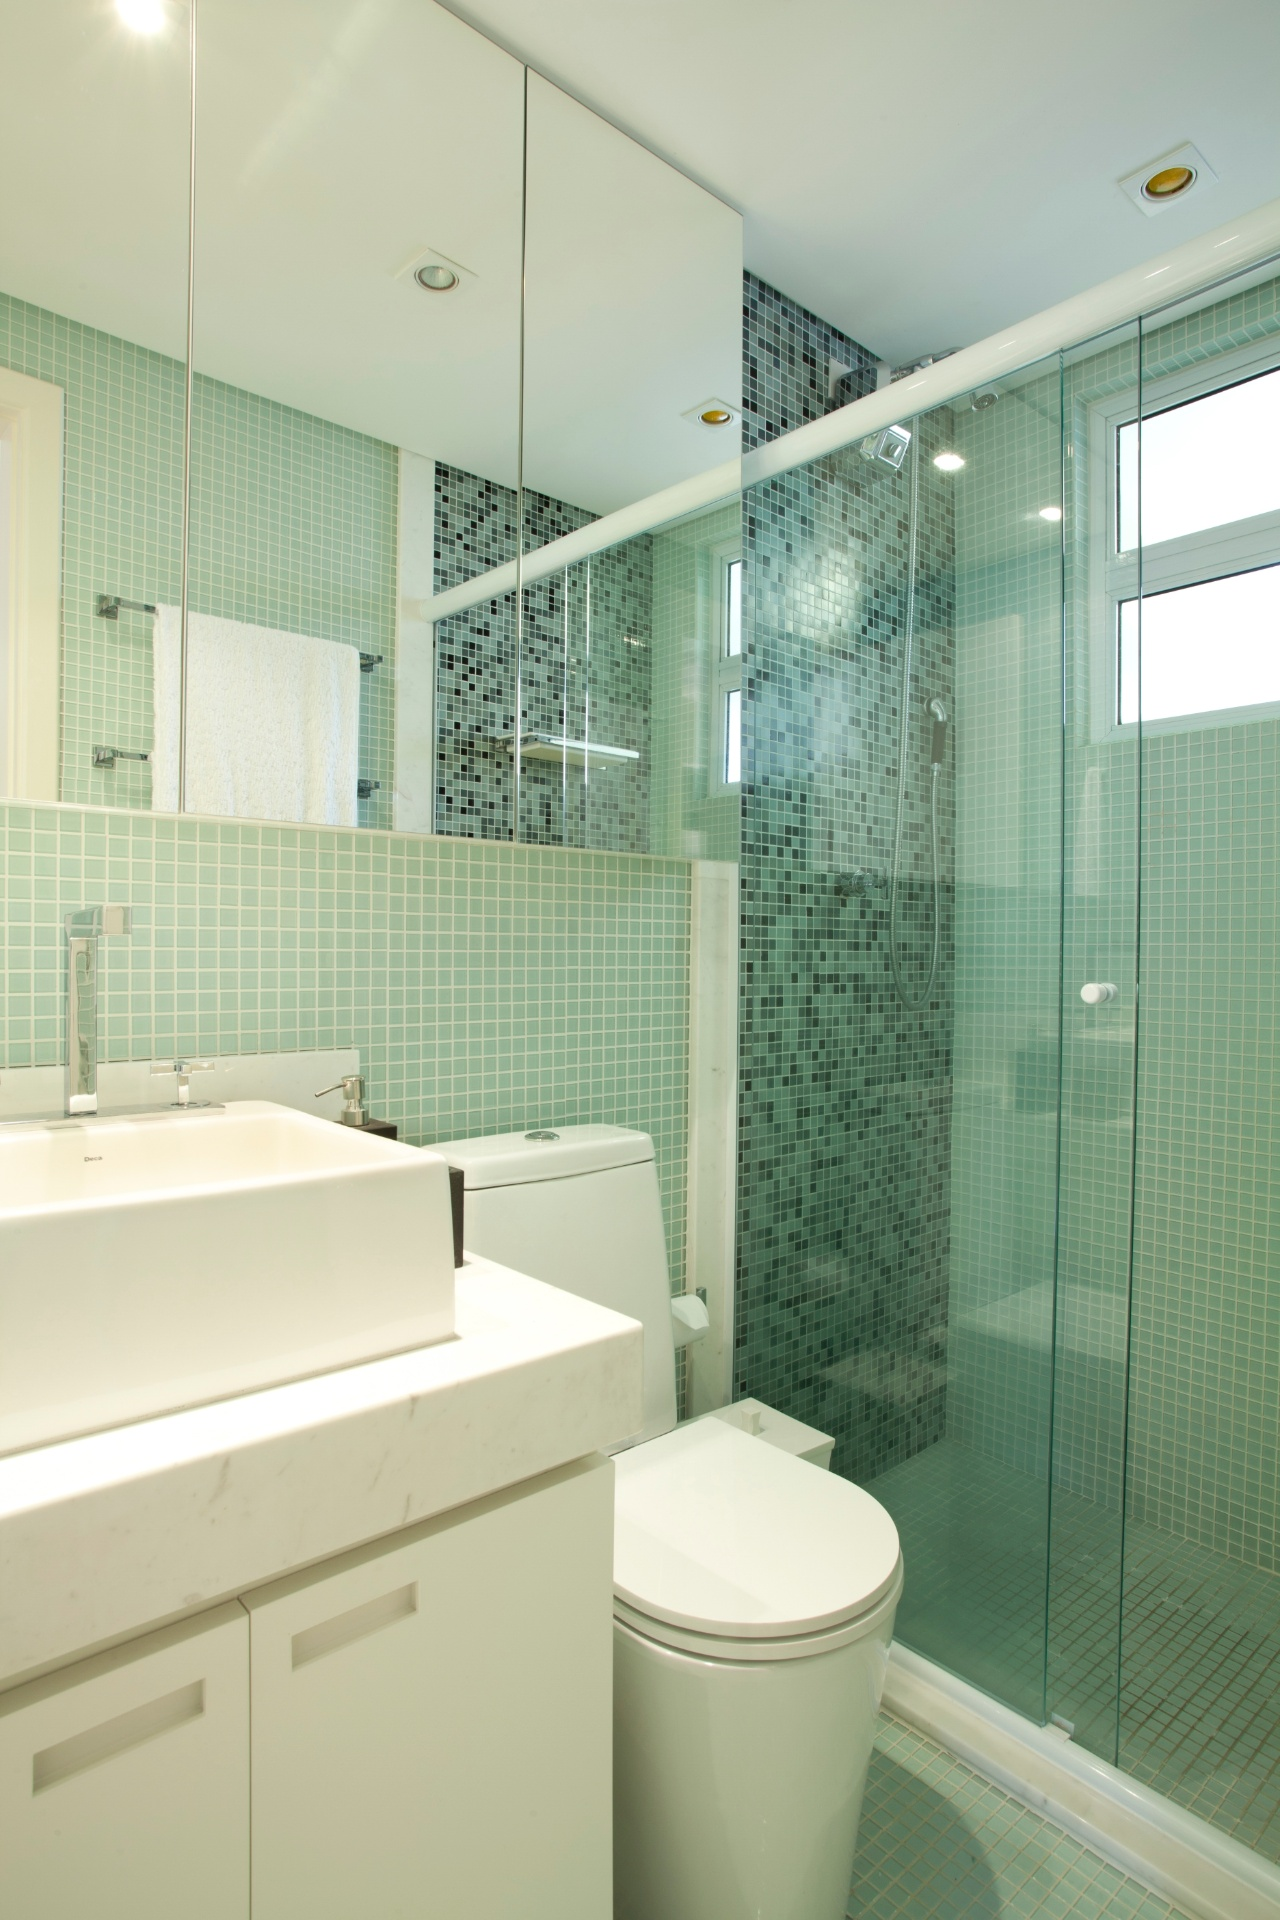 banheiro do apartamento com 32 m² tem louças e metais Deca boxe e #7A7351 1280 1920